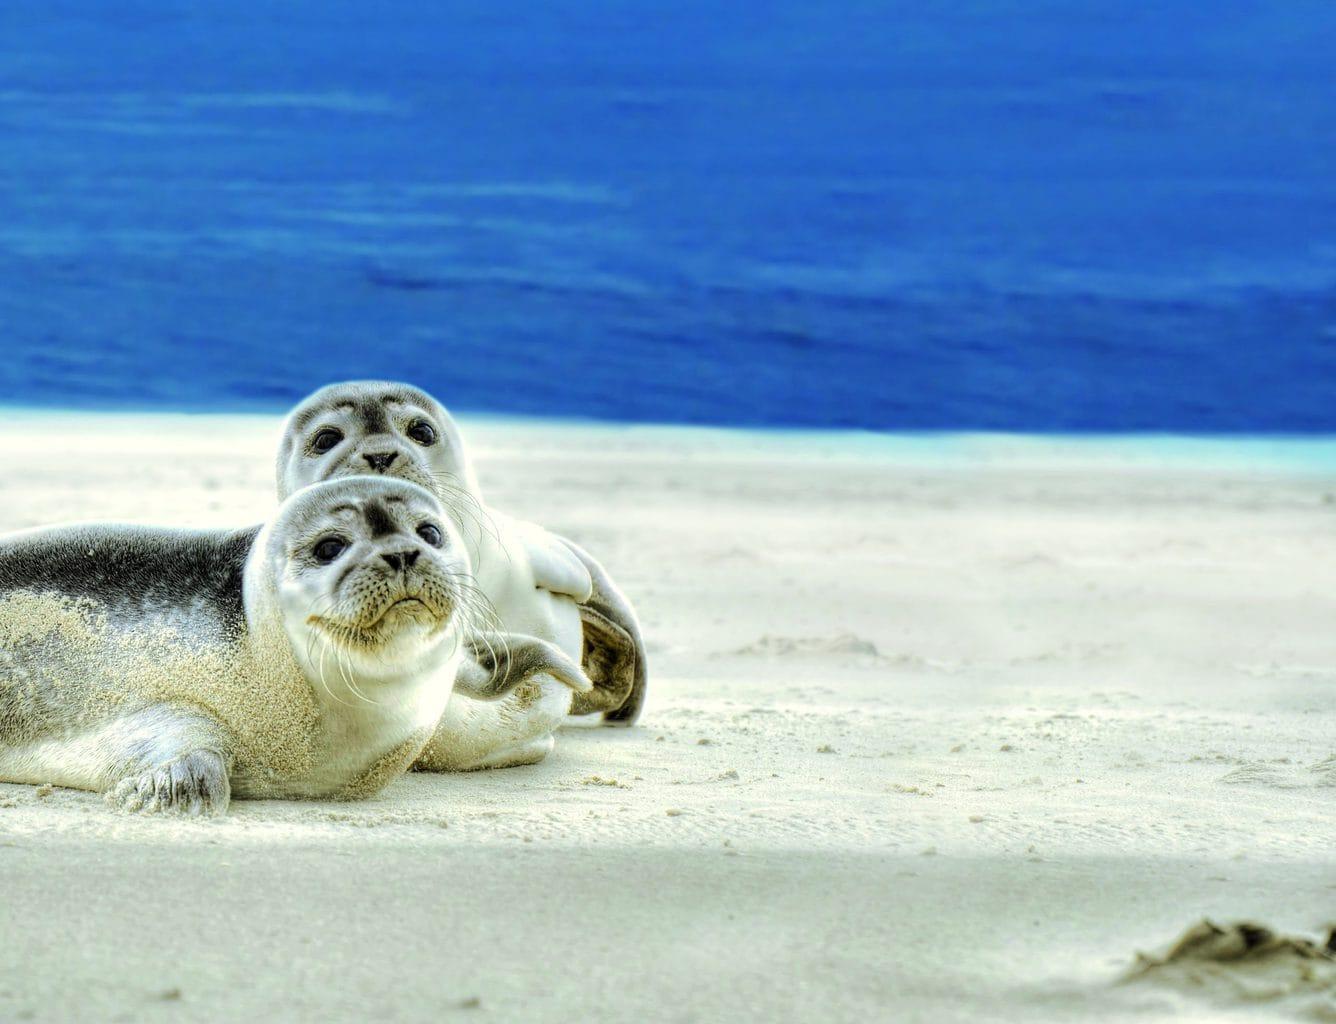 Zeehonden op een zandbank bij Noordzeeieland Spiekeroog